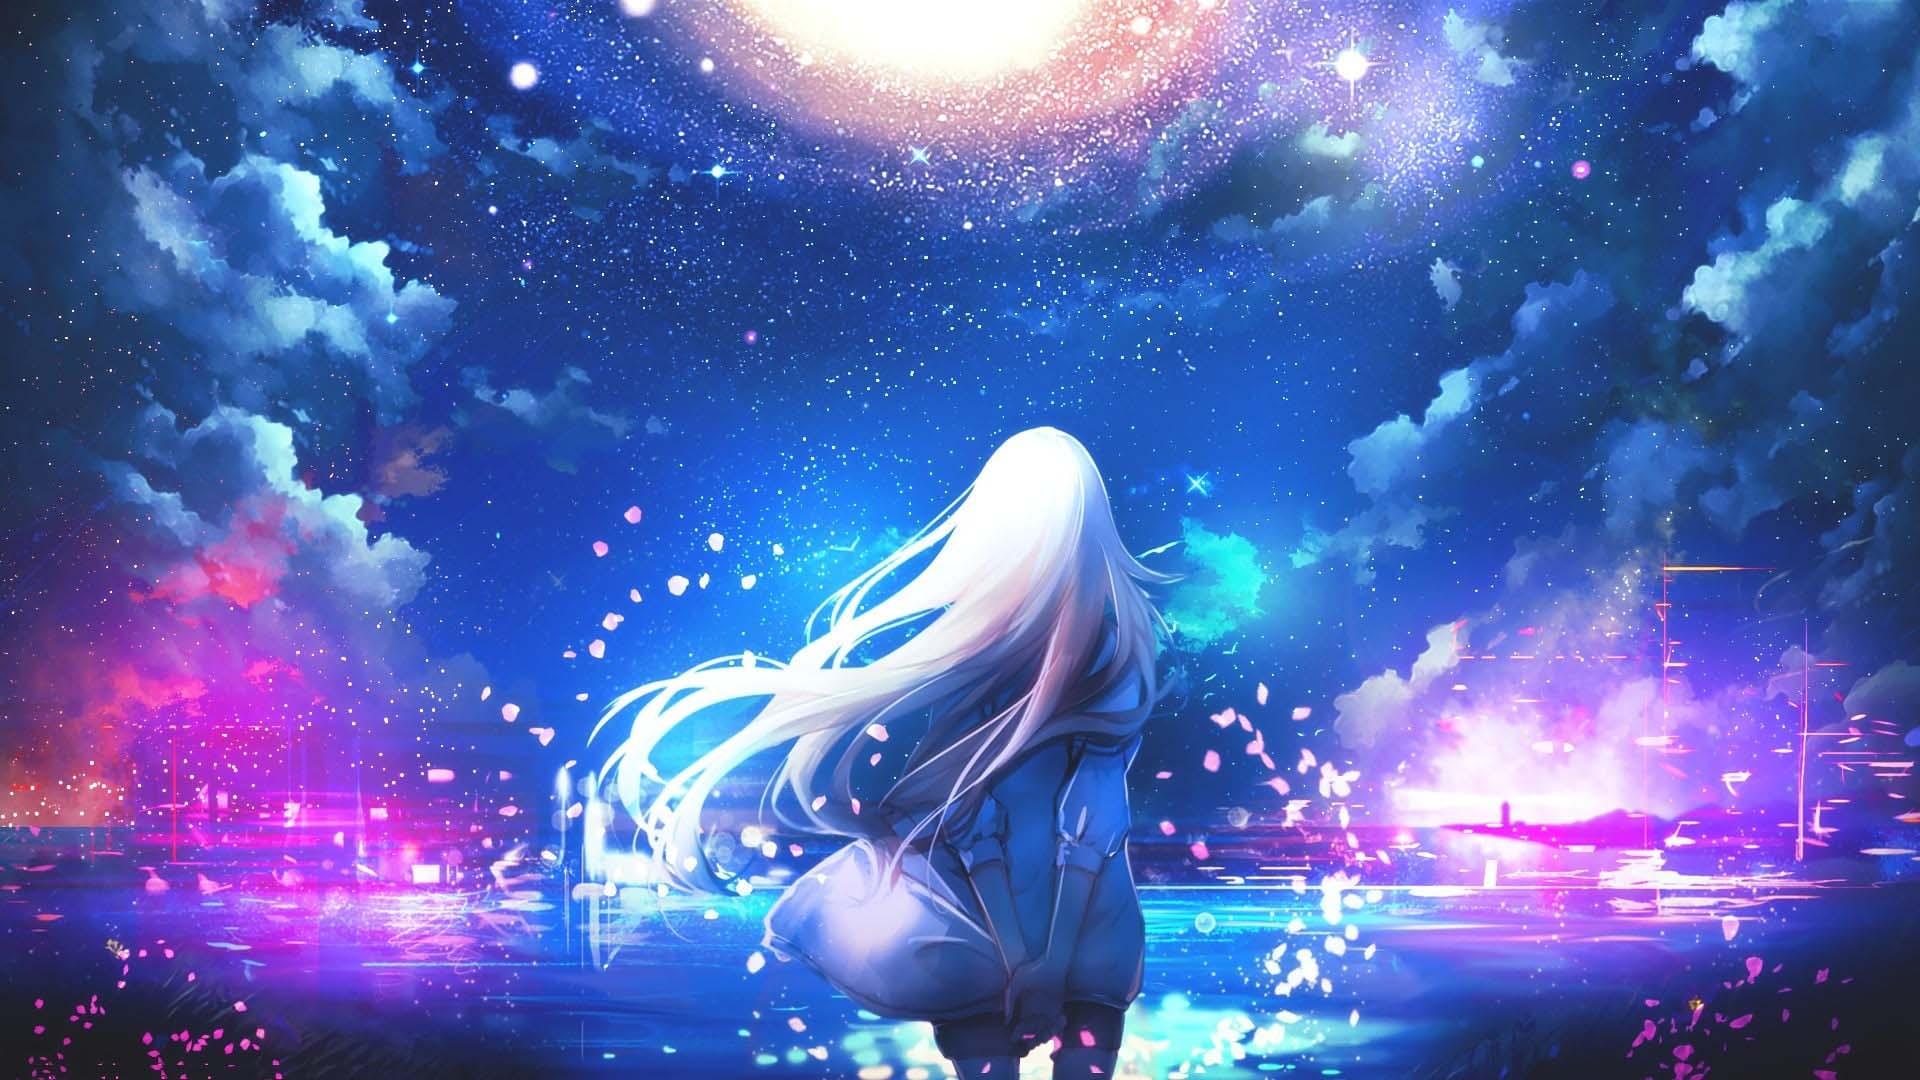 Tải hình nền Anime | Download 1001 Hình Nền Anime Ngầu Chất